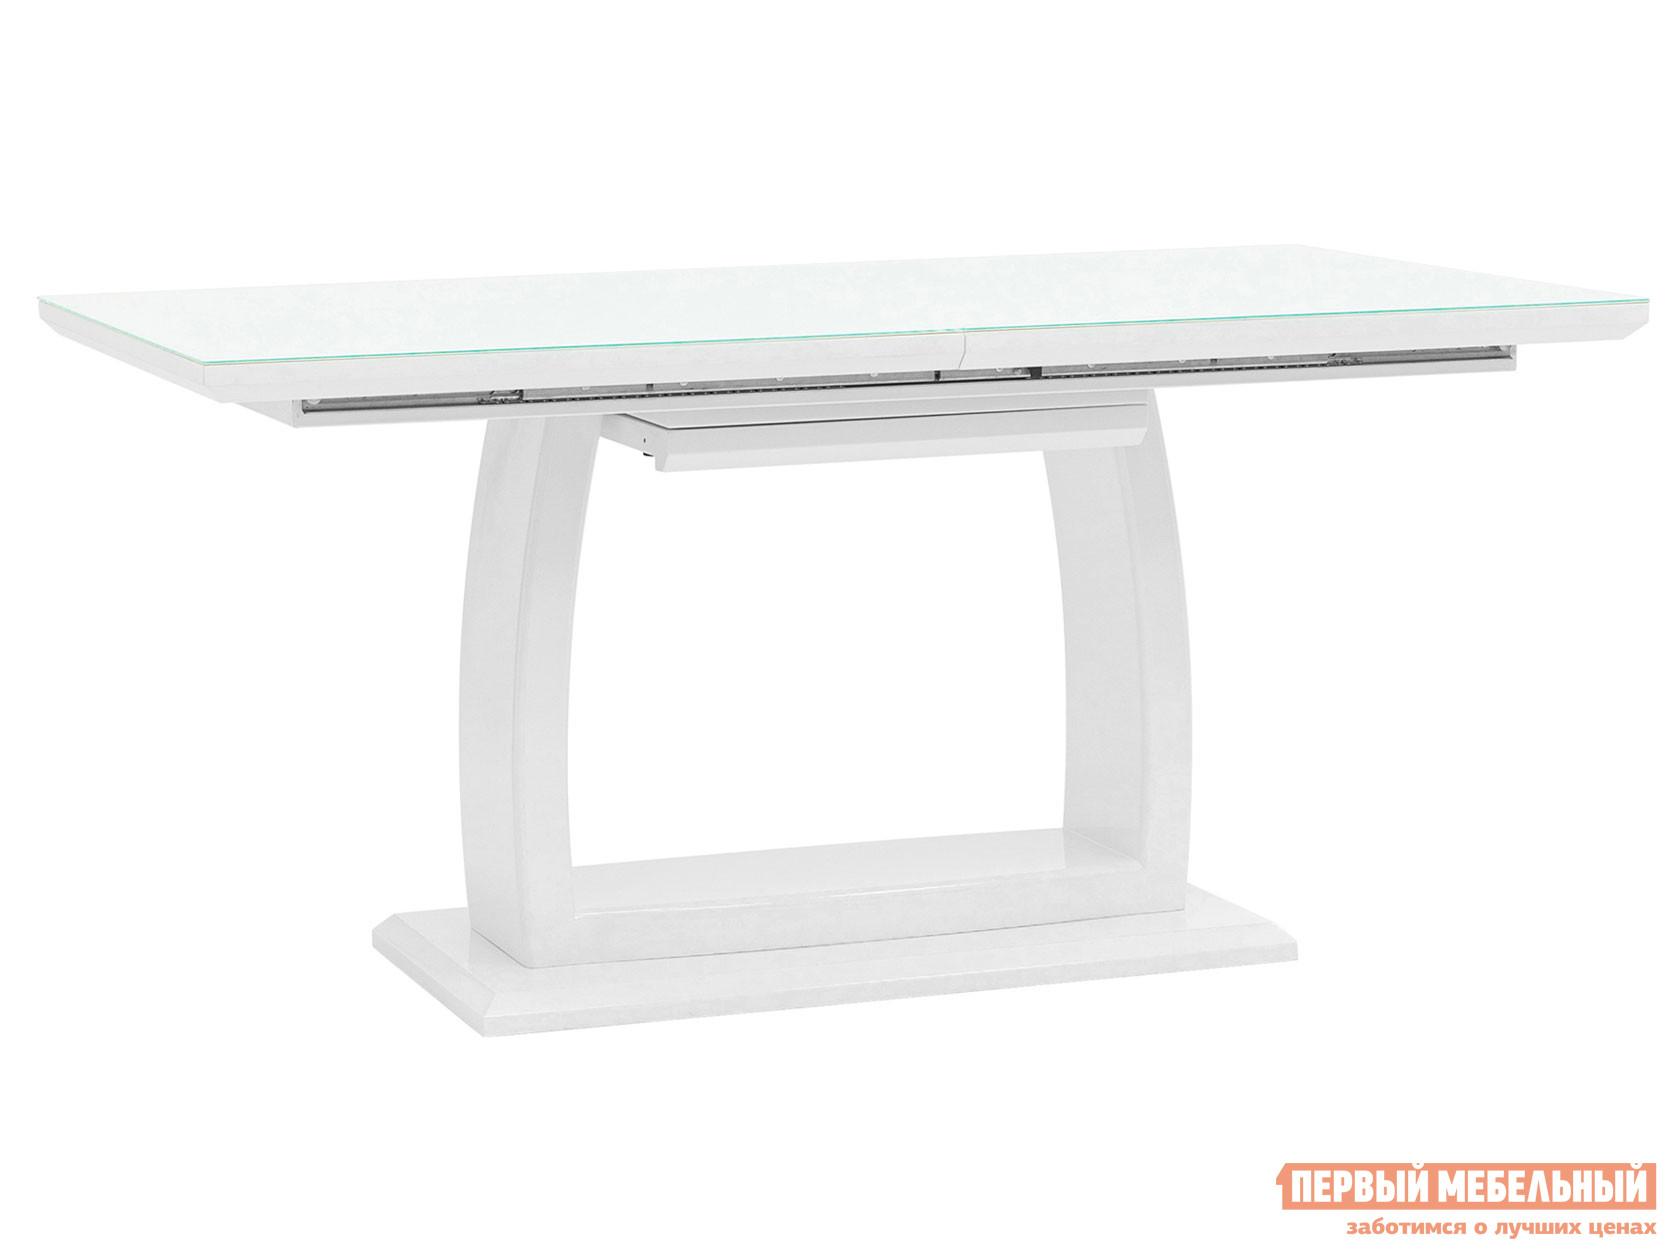 Кухонный стол Стол обеденный Орлеан, раскладной ET-1621-140/160-HGW DUAL Белый, Большой фото